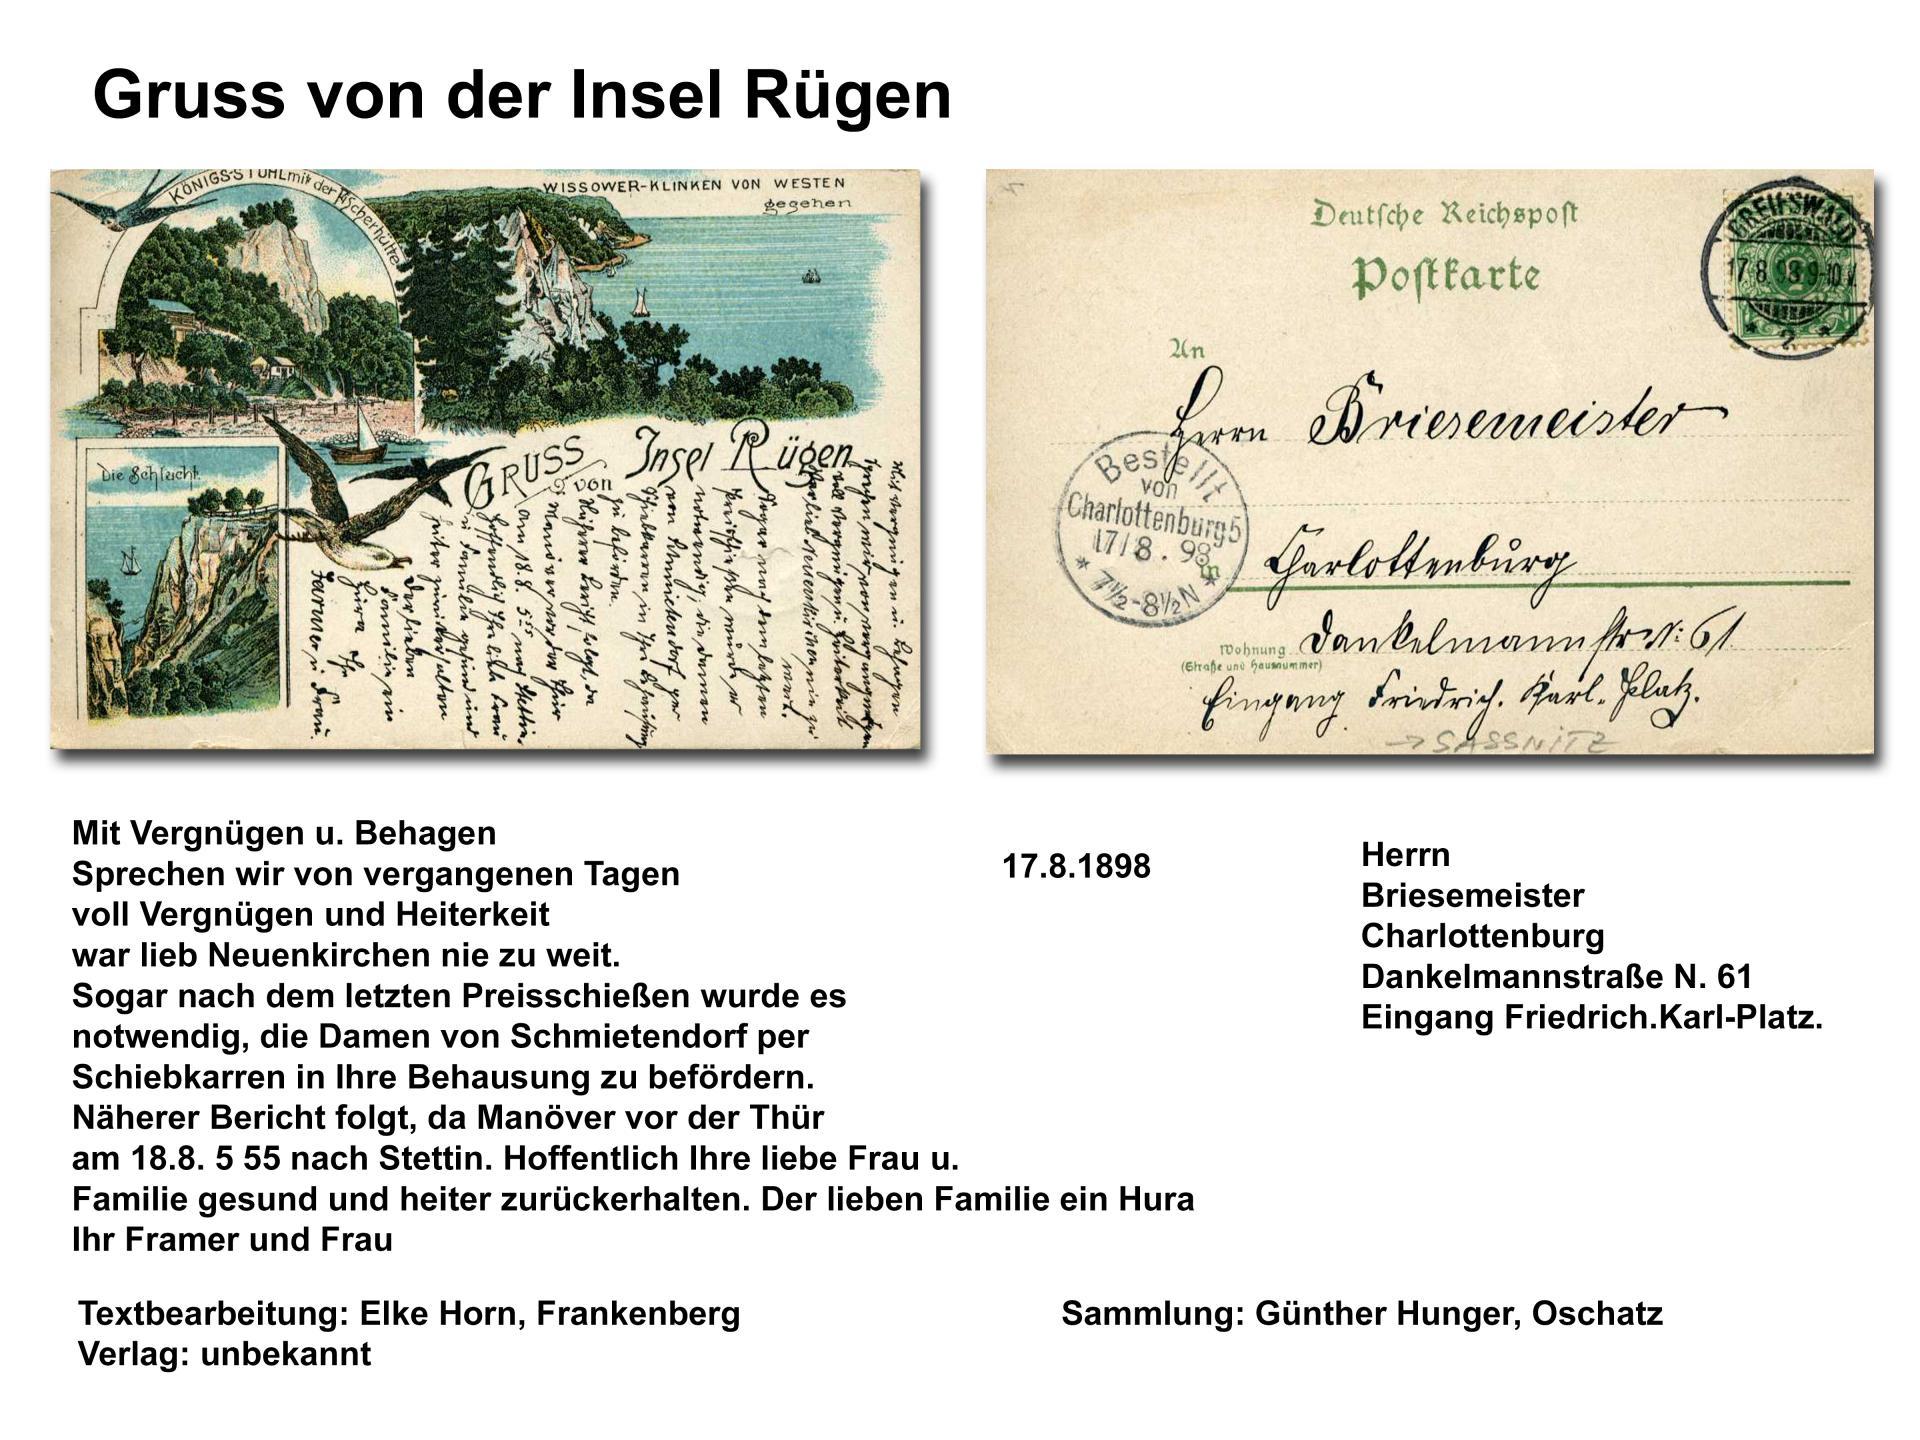 Gruss von Insel Rügen